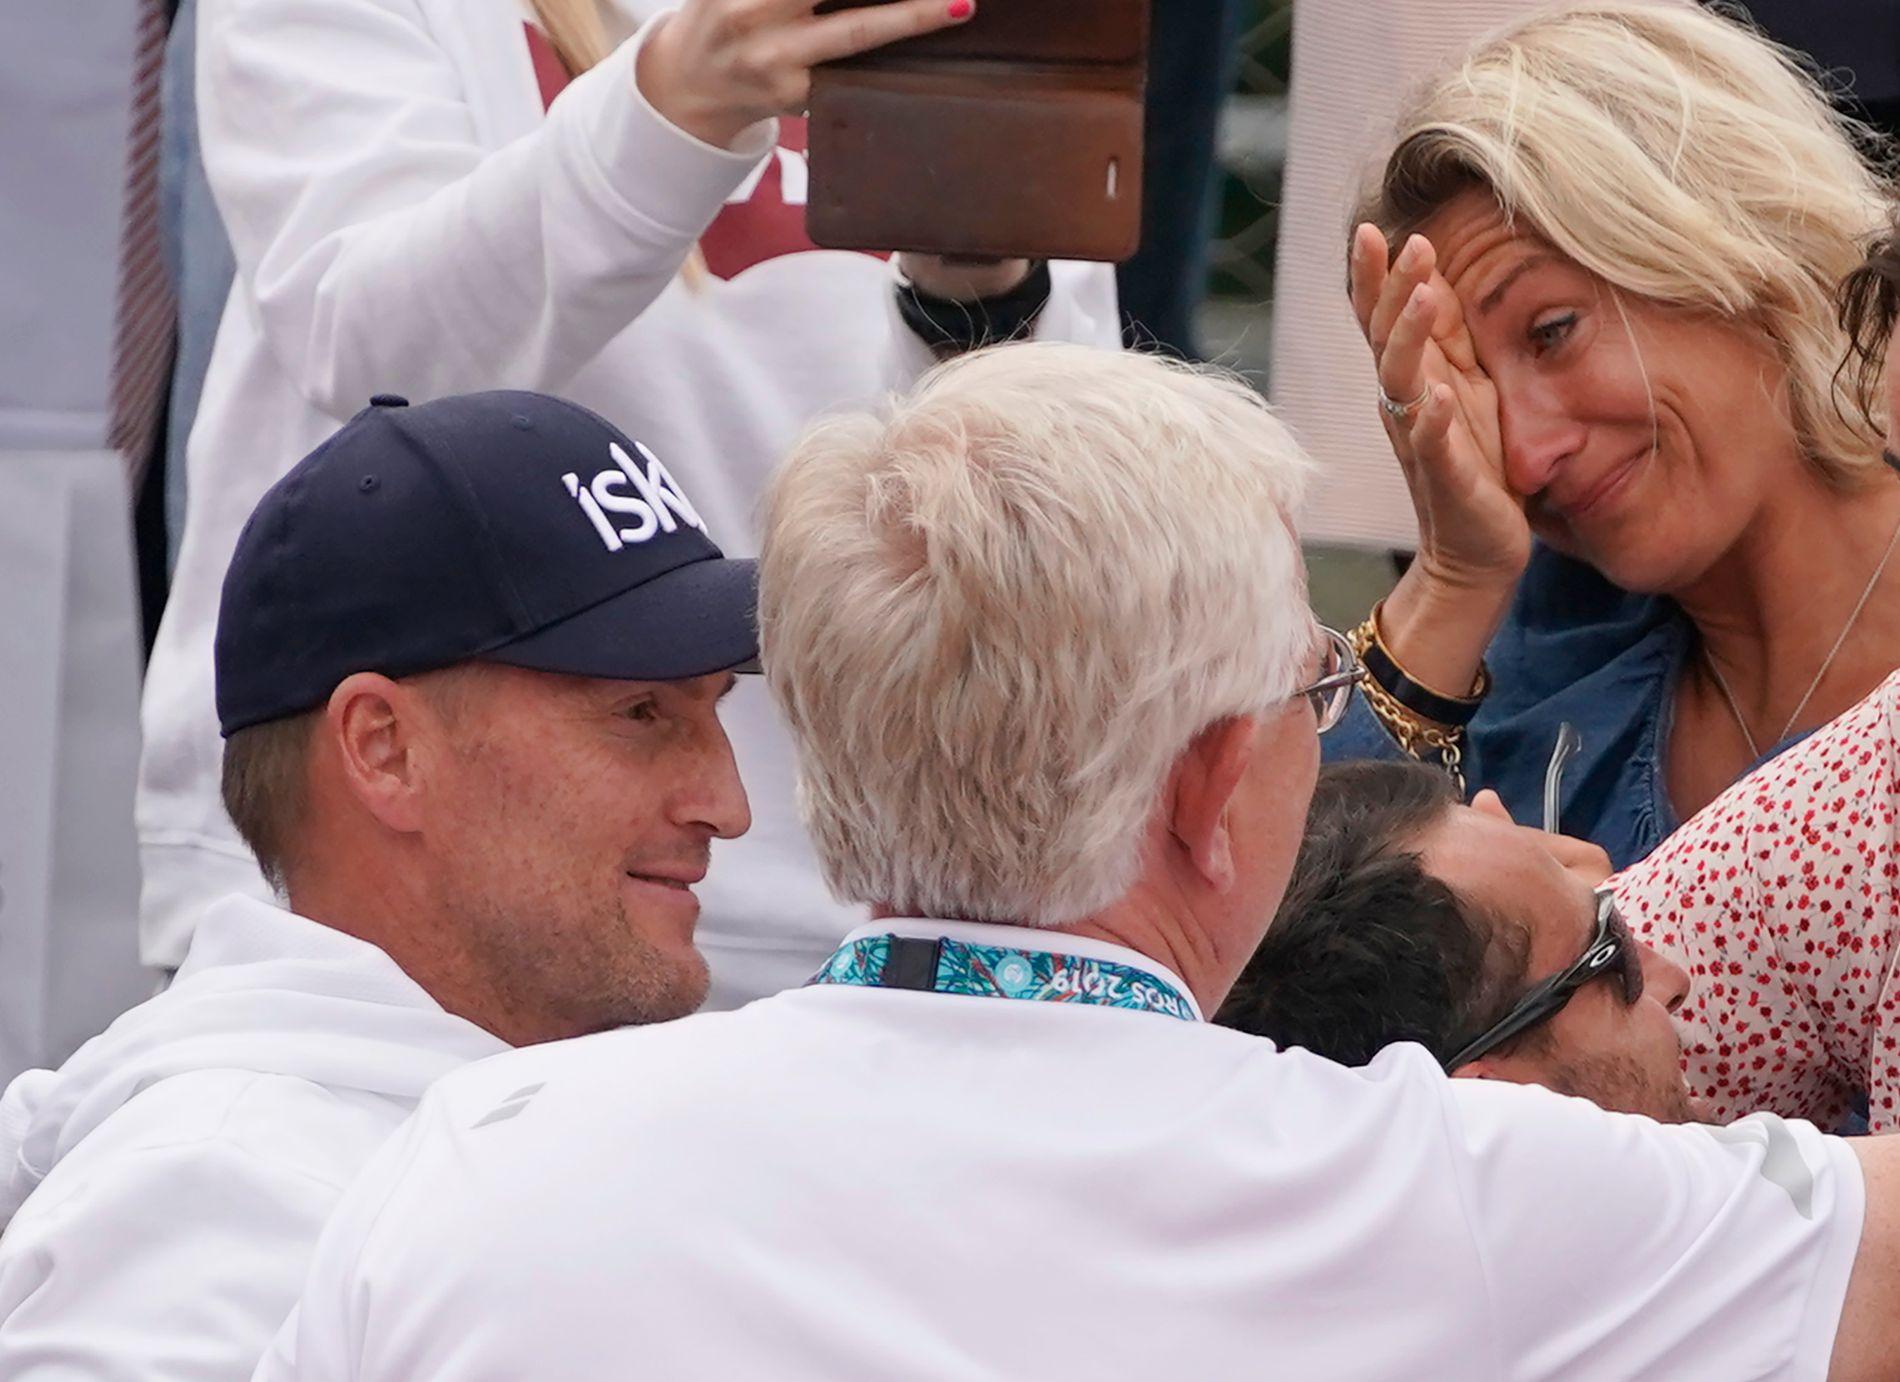 1899fb24 RØRT MAMMA: Lele Ruud tok til tårene da sønnen Casper slo Matteo Berretini  i French Open. Nå venter Roger Federer. Pappa og trener Christian Ruud  (t.v.), ...